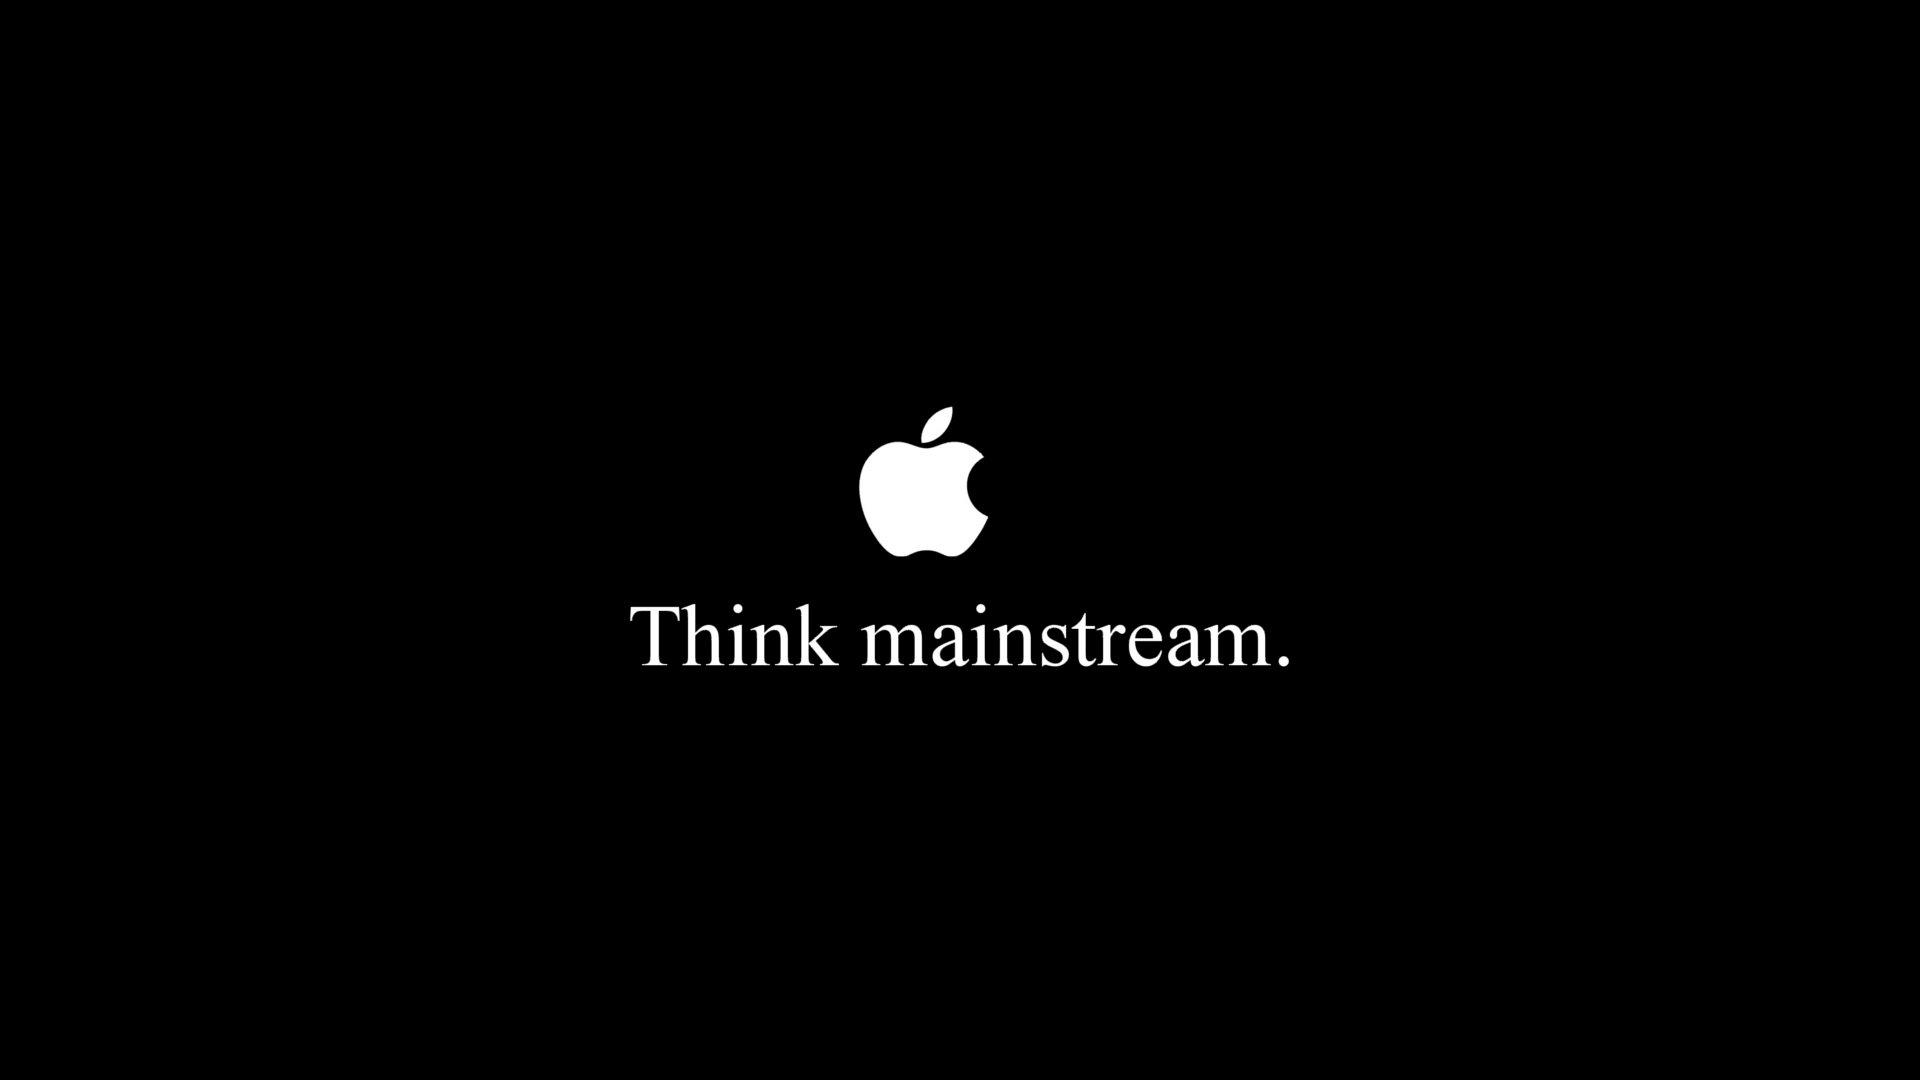 mainstream-19201080